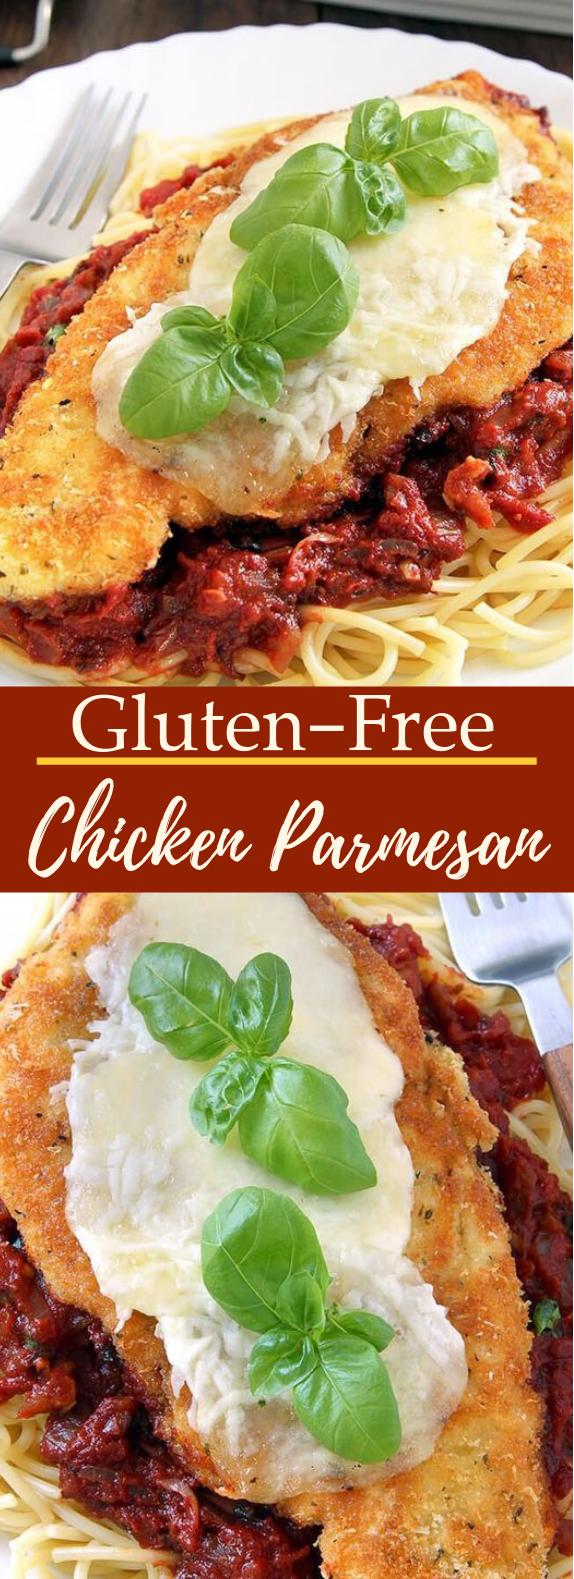 Gluten Free Chicken Parmesan #healthy #glutenfree